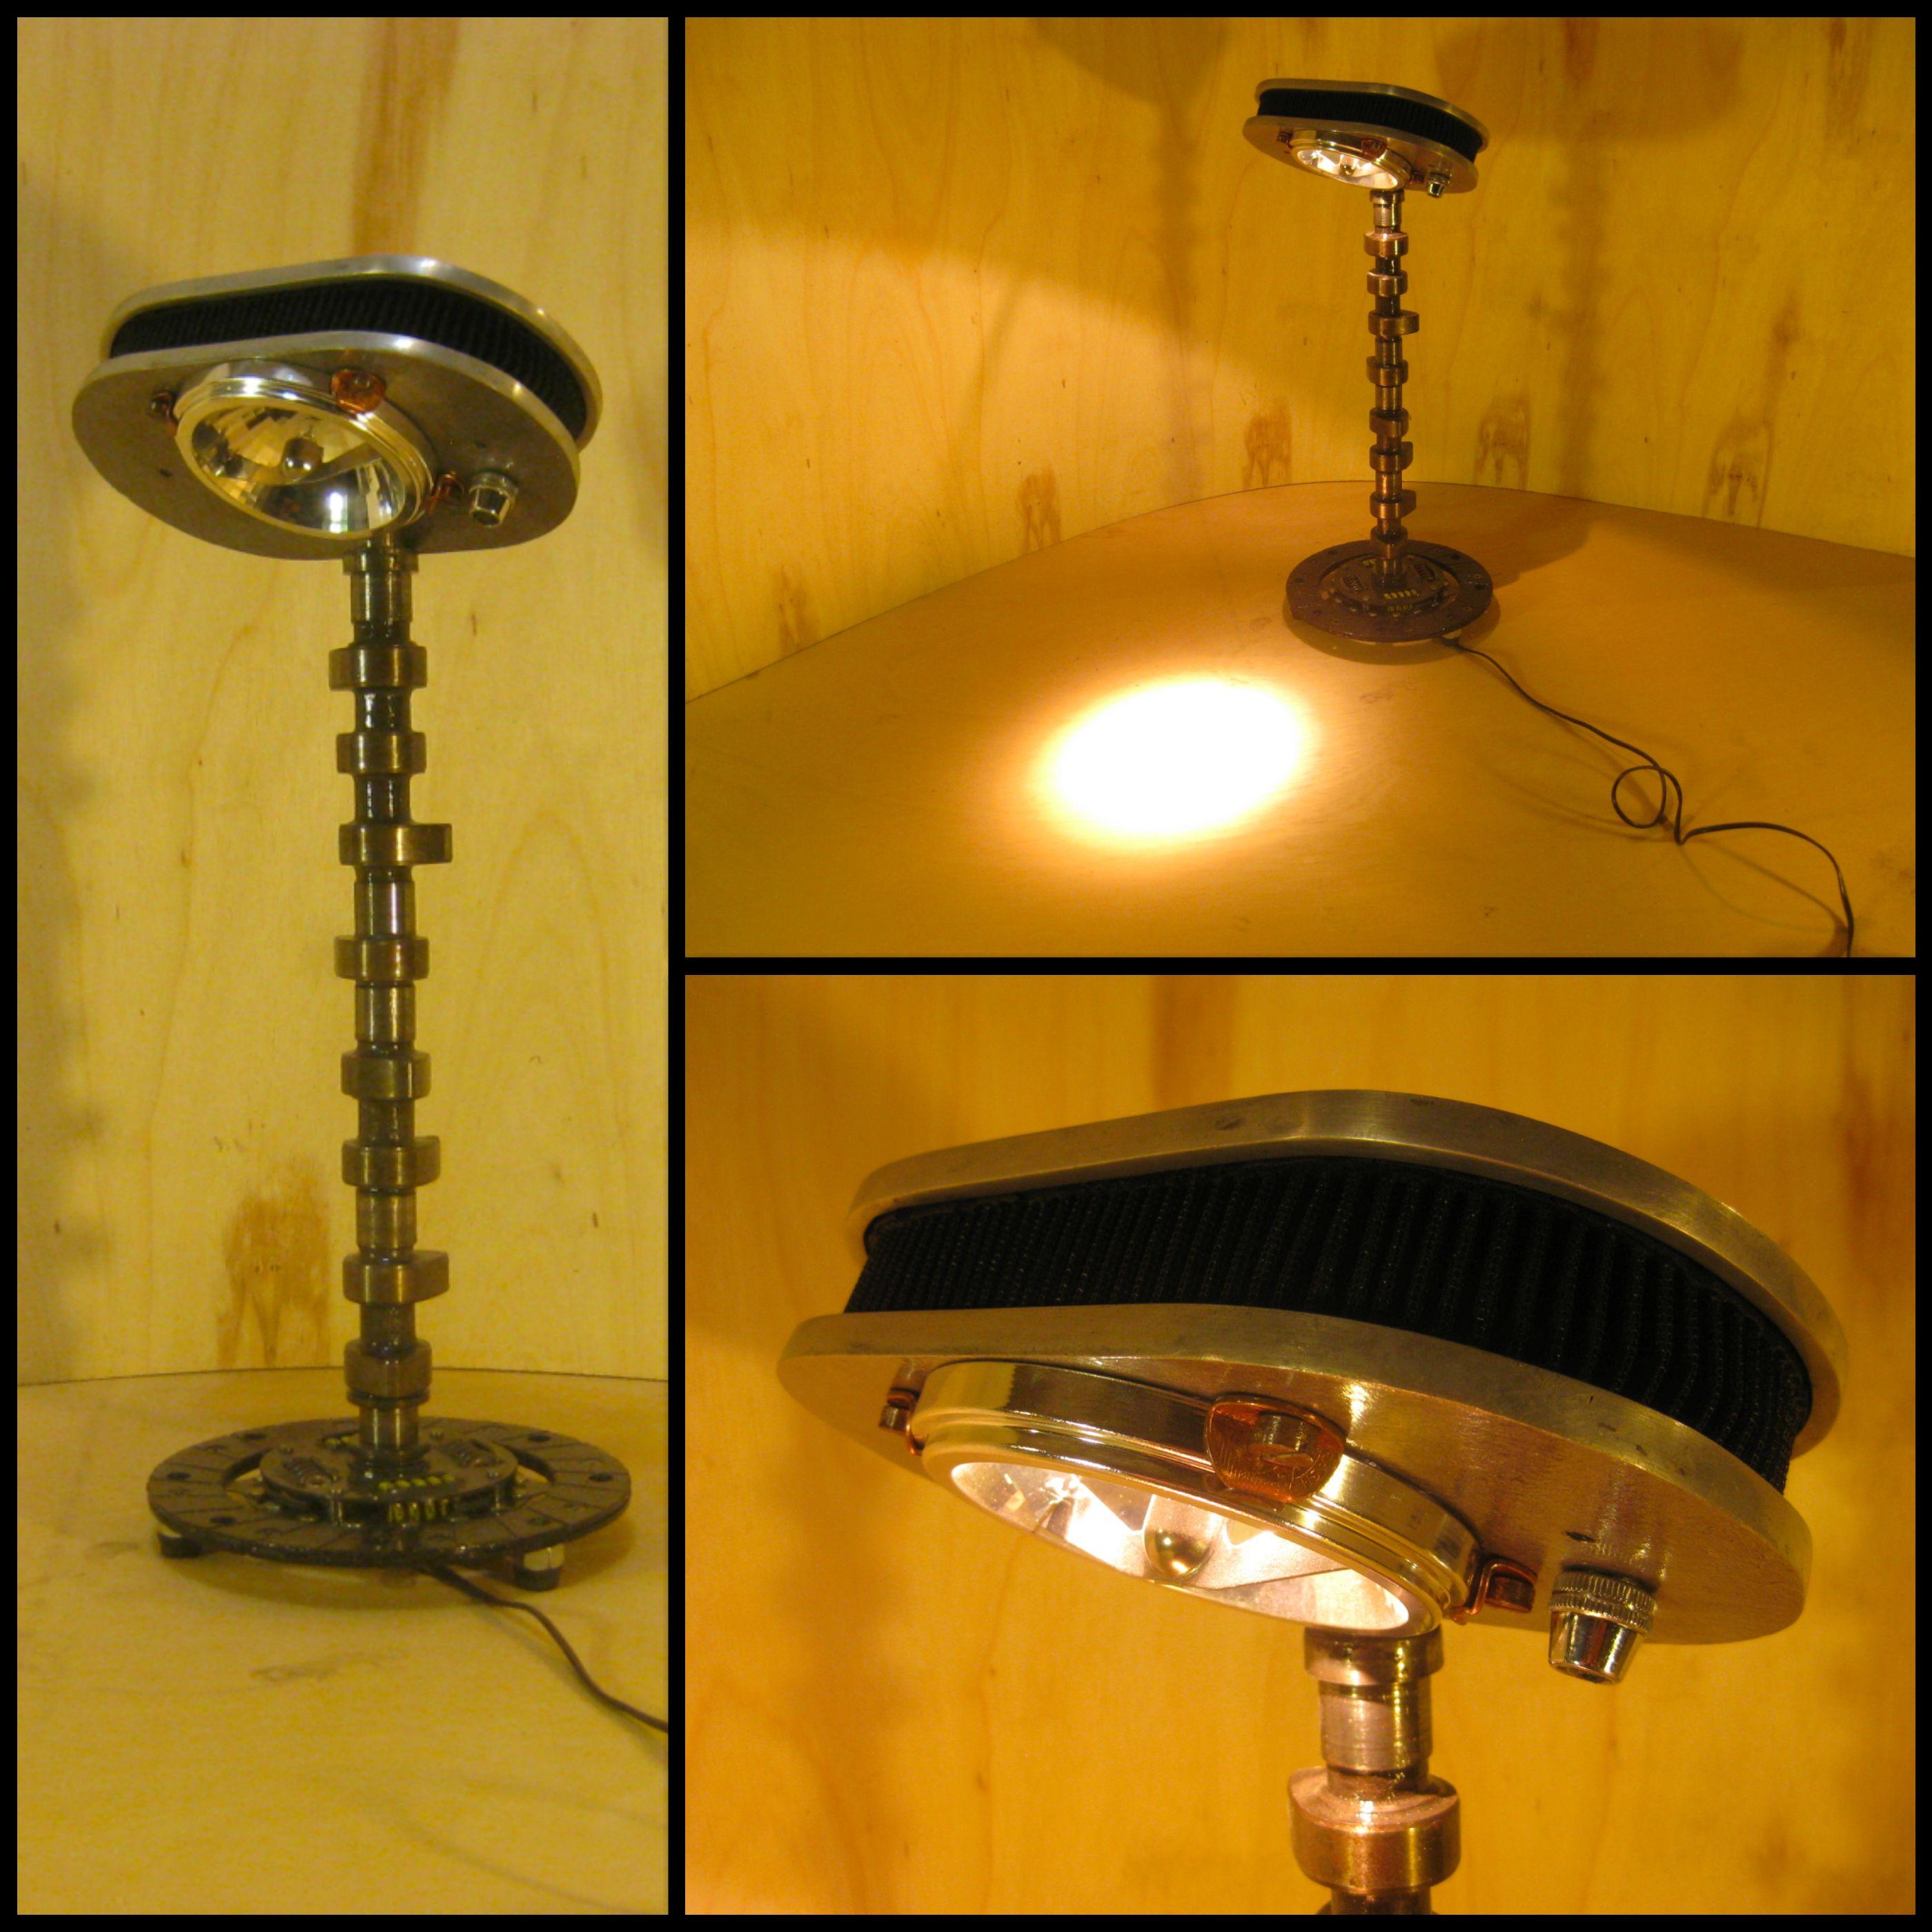 luminária feita de peças de carro, lampada R111 12v dimmerizavel, dímmer de fácil acesso, ao lado da lampada.